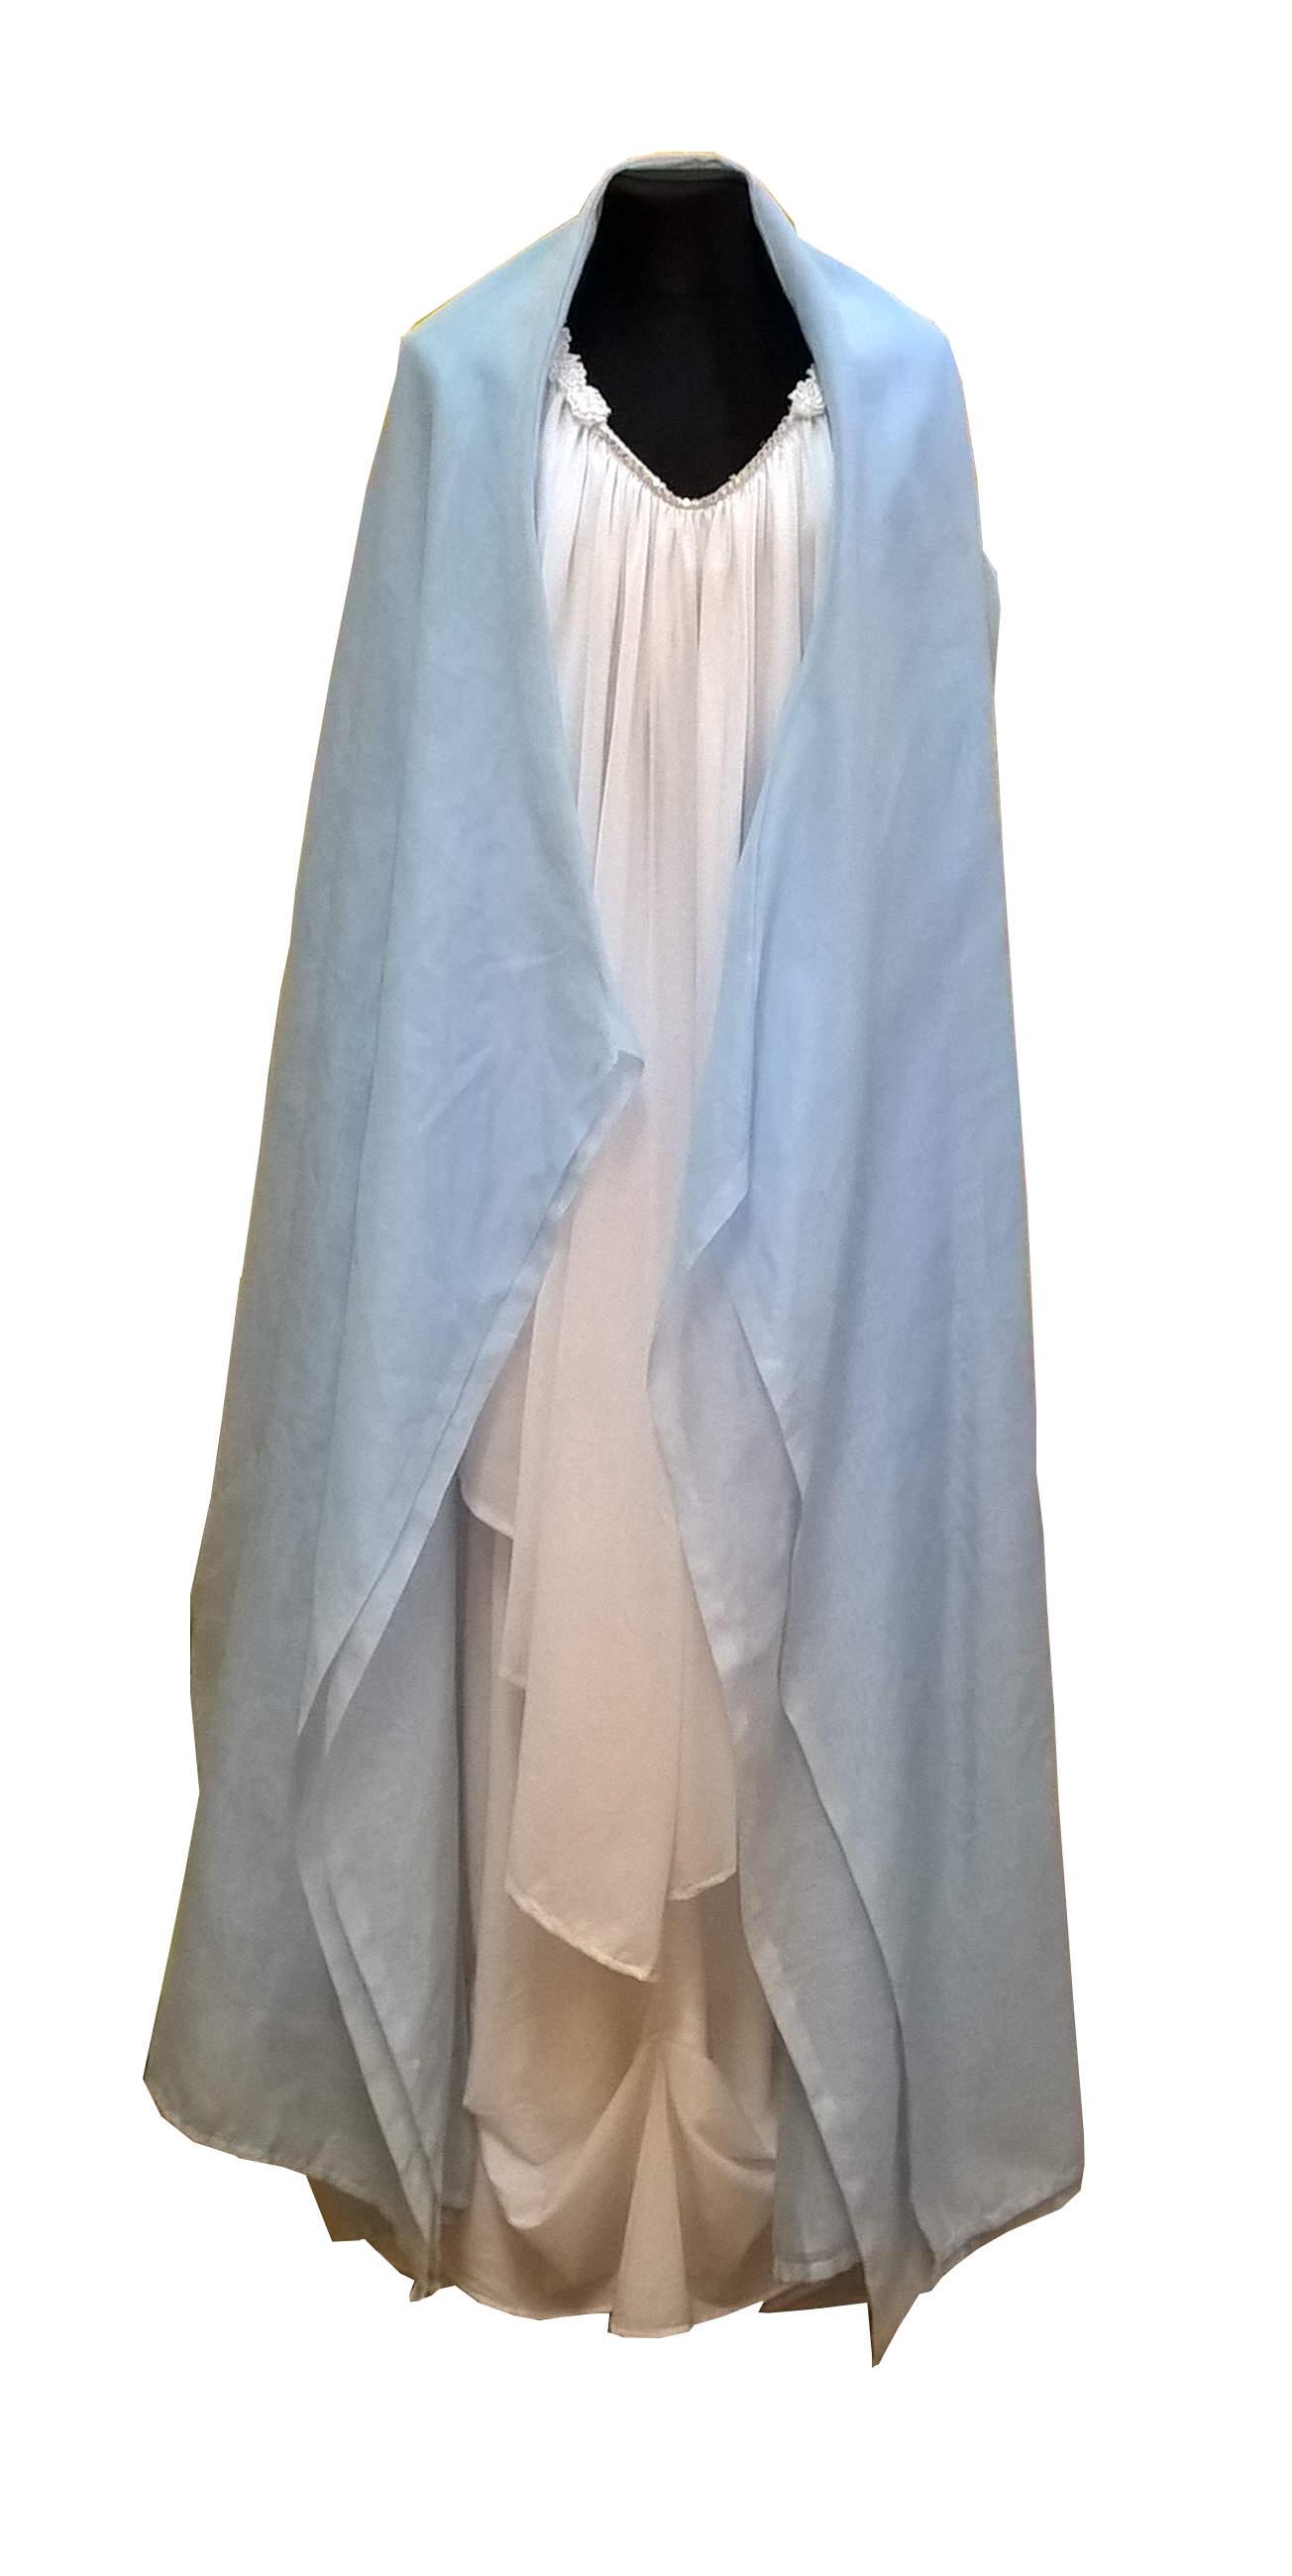 Švenčiausios Mergelės Marijos kostiumas. Įvairių pasakų ir filmų personažų karnavaliniai drabužiai. Karnavaliniu kostiumu nuoma vaikams Vilniuje - pasakunamai.lt